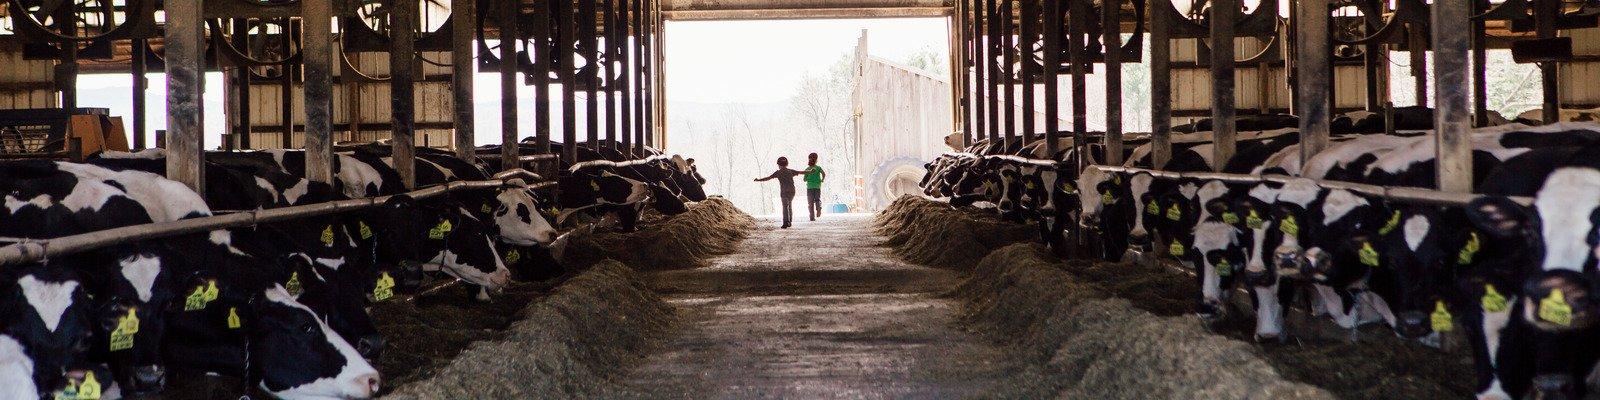 Woodnotch Farm